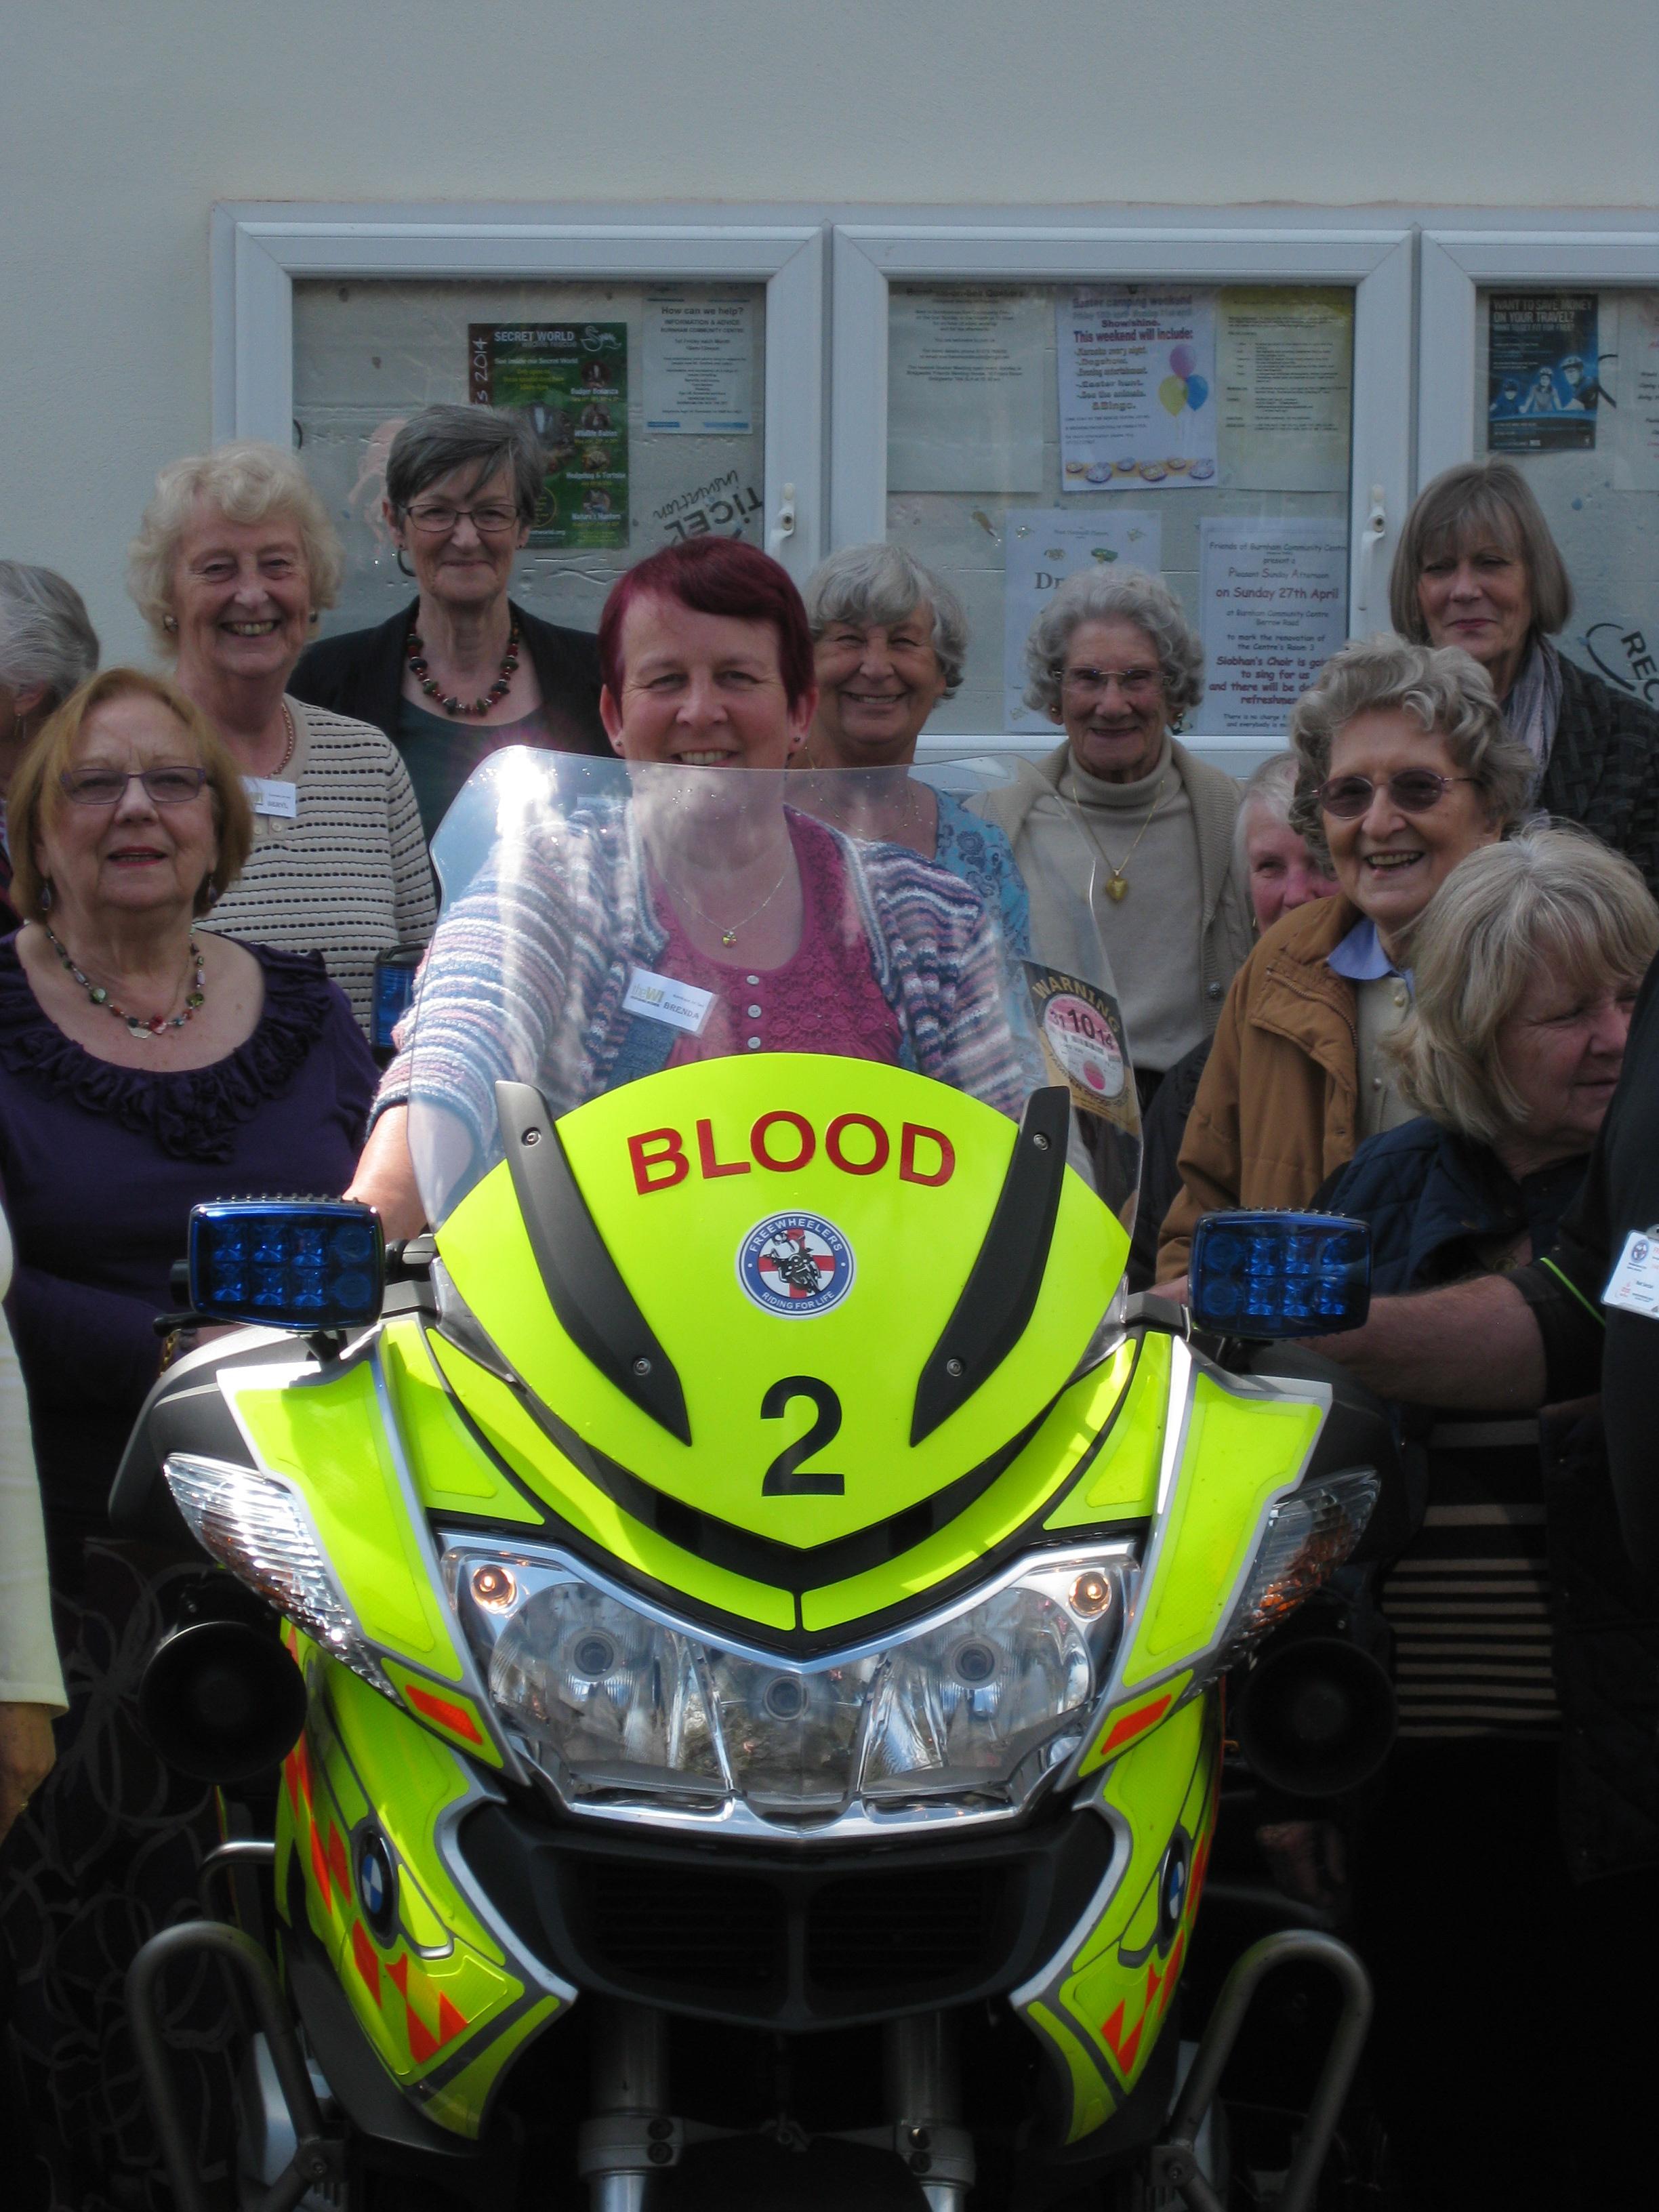 Brenda on the blood bank bike